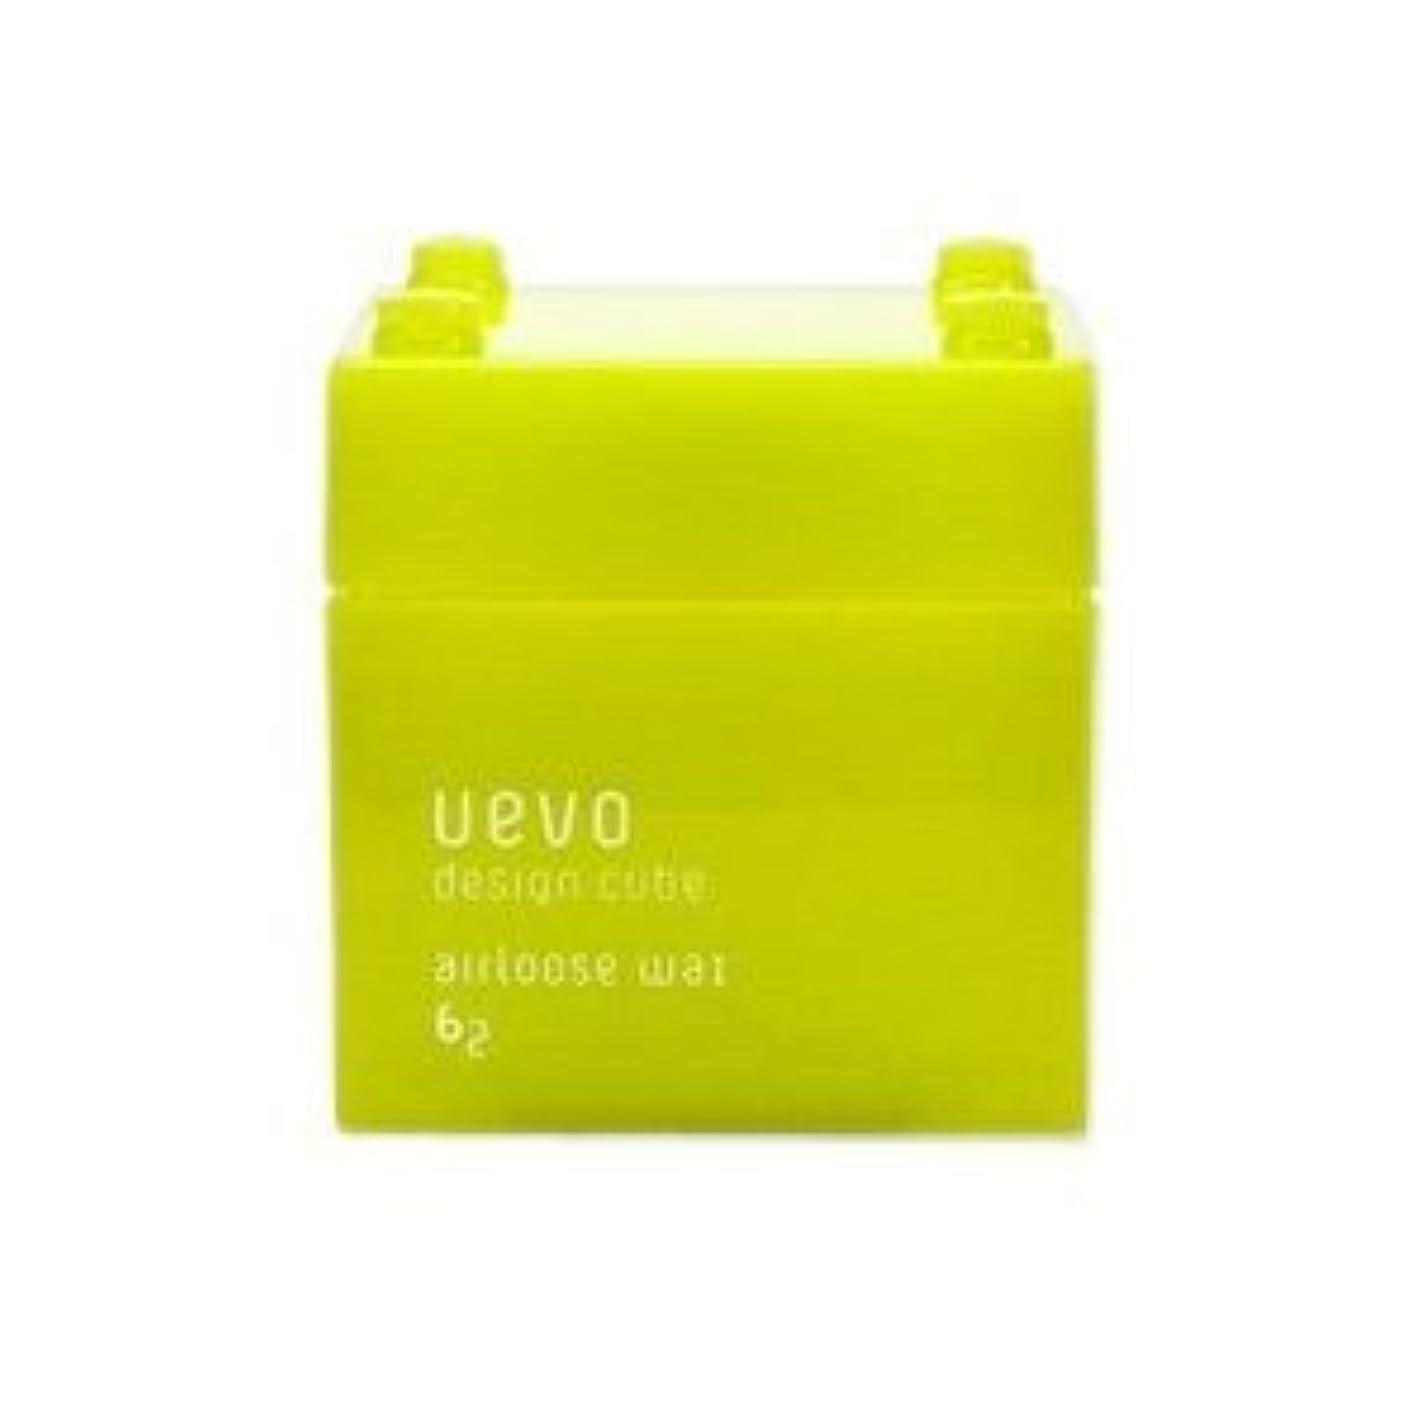 成人期ナインへゆり【X3個セット】 デミ ウェーボ デザインキューブ エアルーズワックス 80g airloose wax DEMI uevo design cube